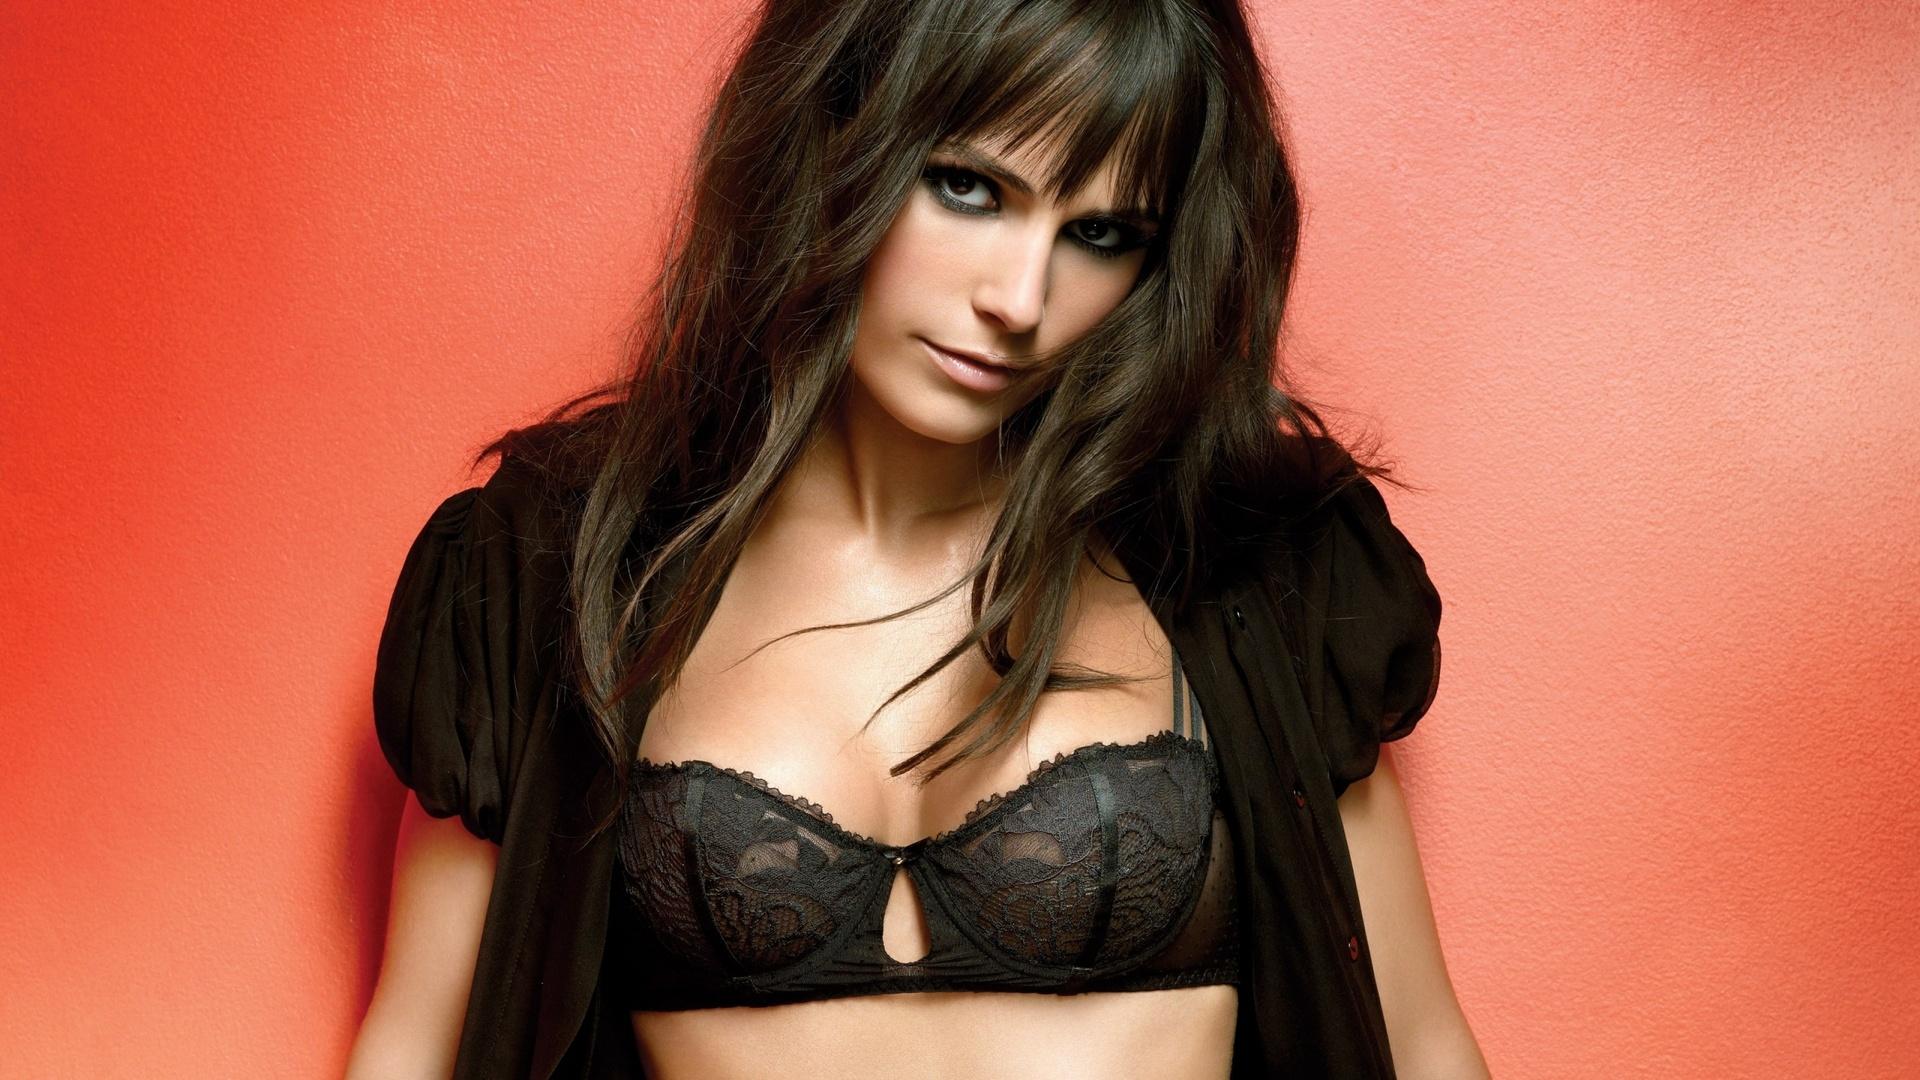 Jordana Brewster Hot Picture